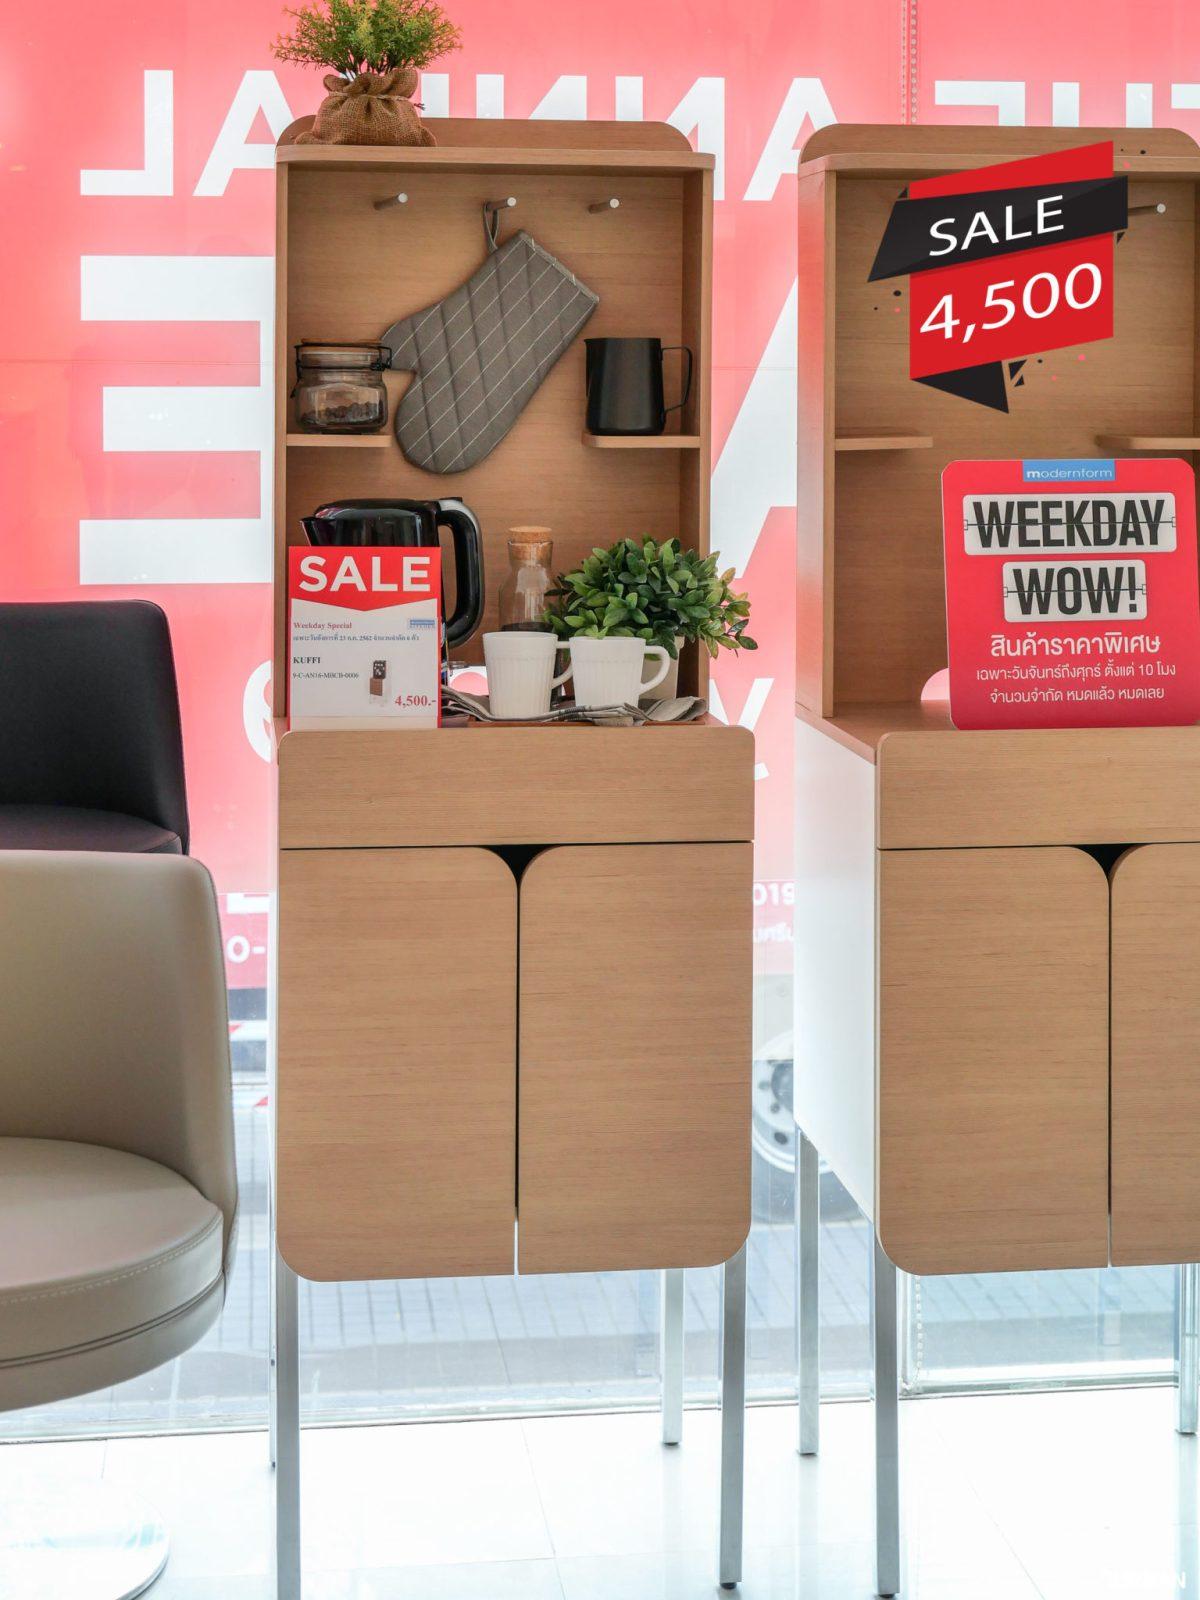 พาชม MODERNFORM ลดถึง 75% งาน The Annual Sale 2019 ปีนี้มีอะไรบ้าง? 111 - decorate